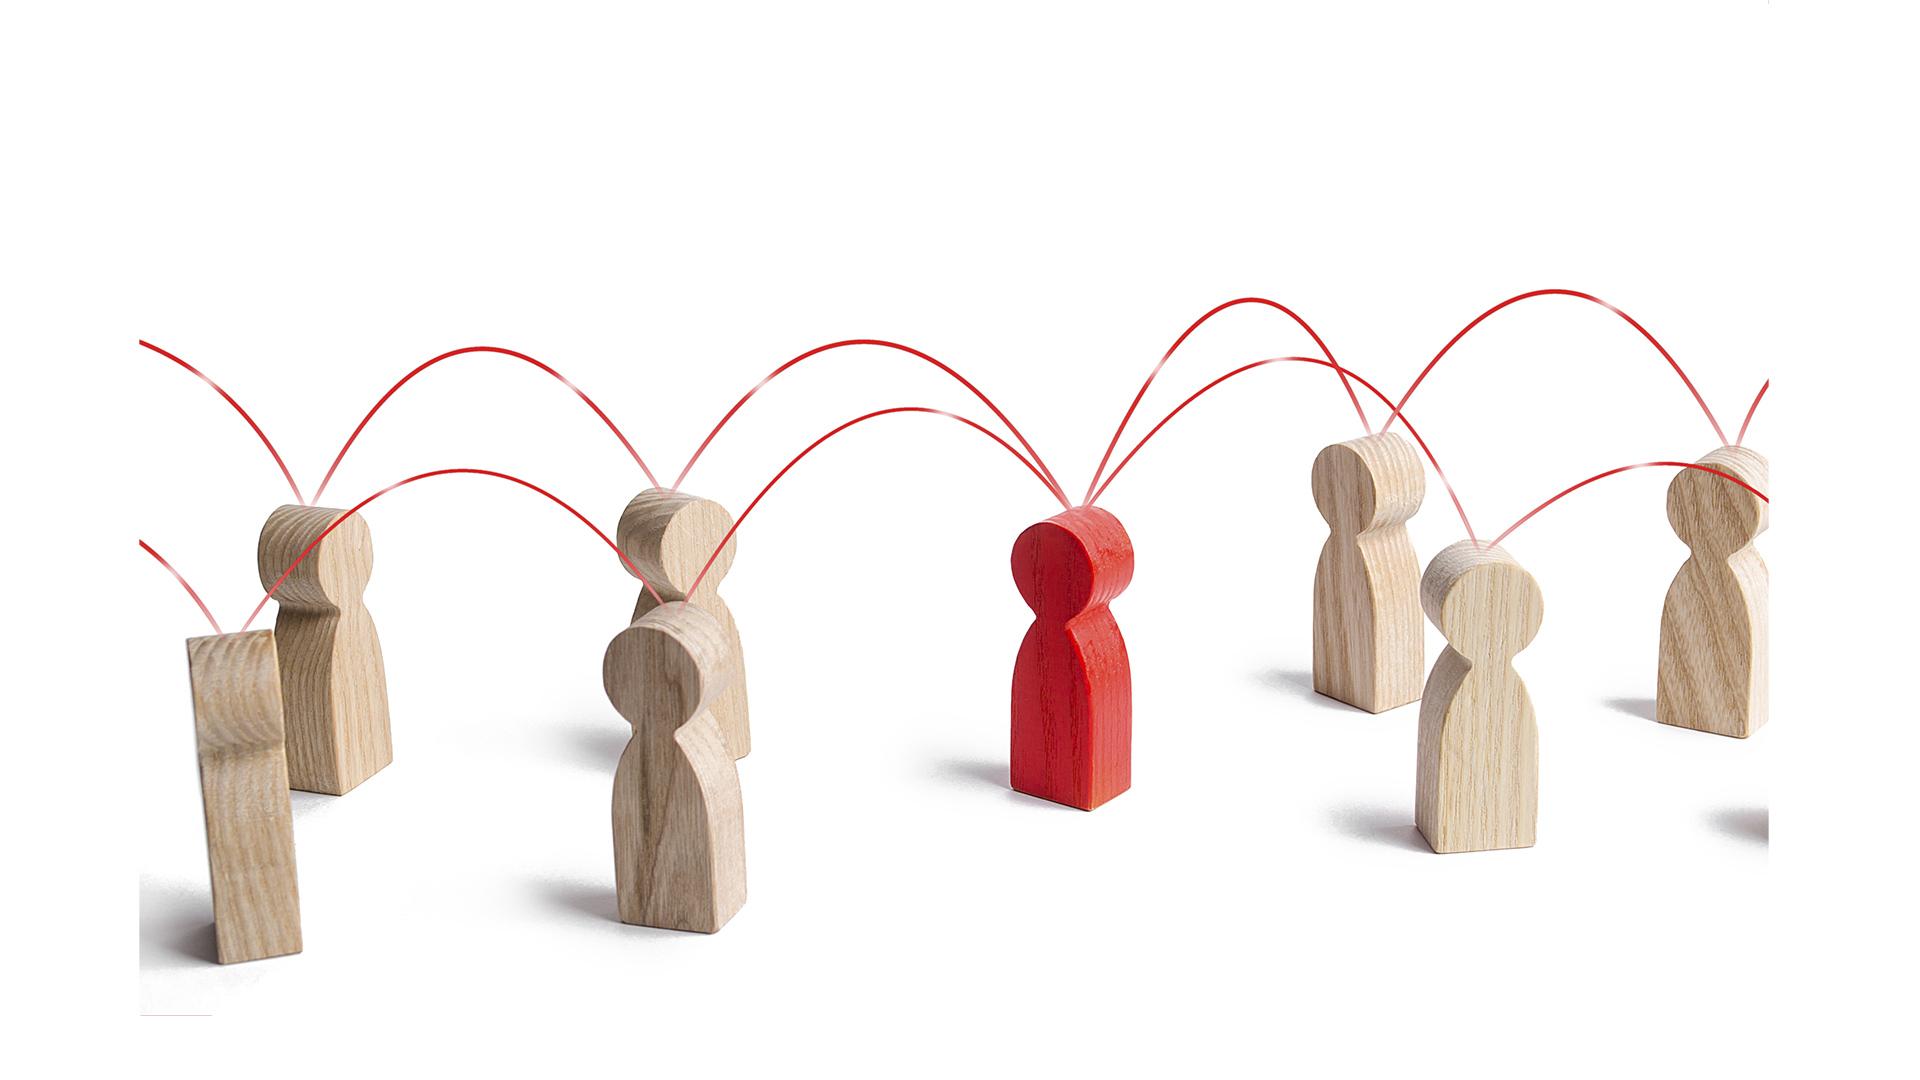 Los 5 desafios de las comunicaciones contemporáneas